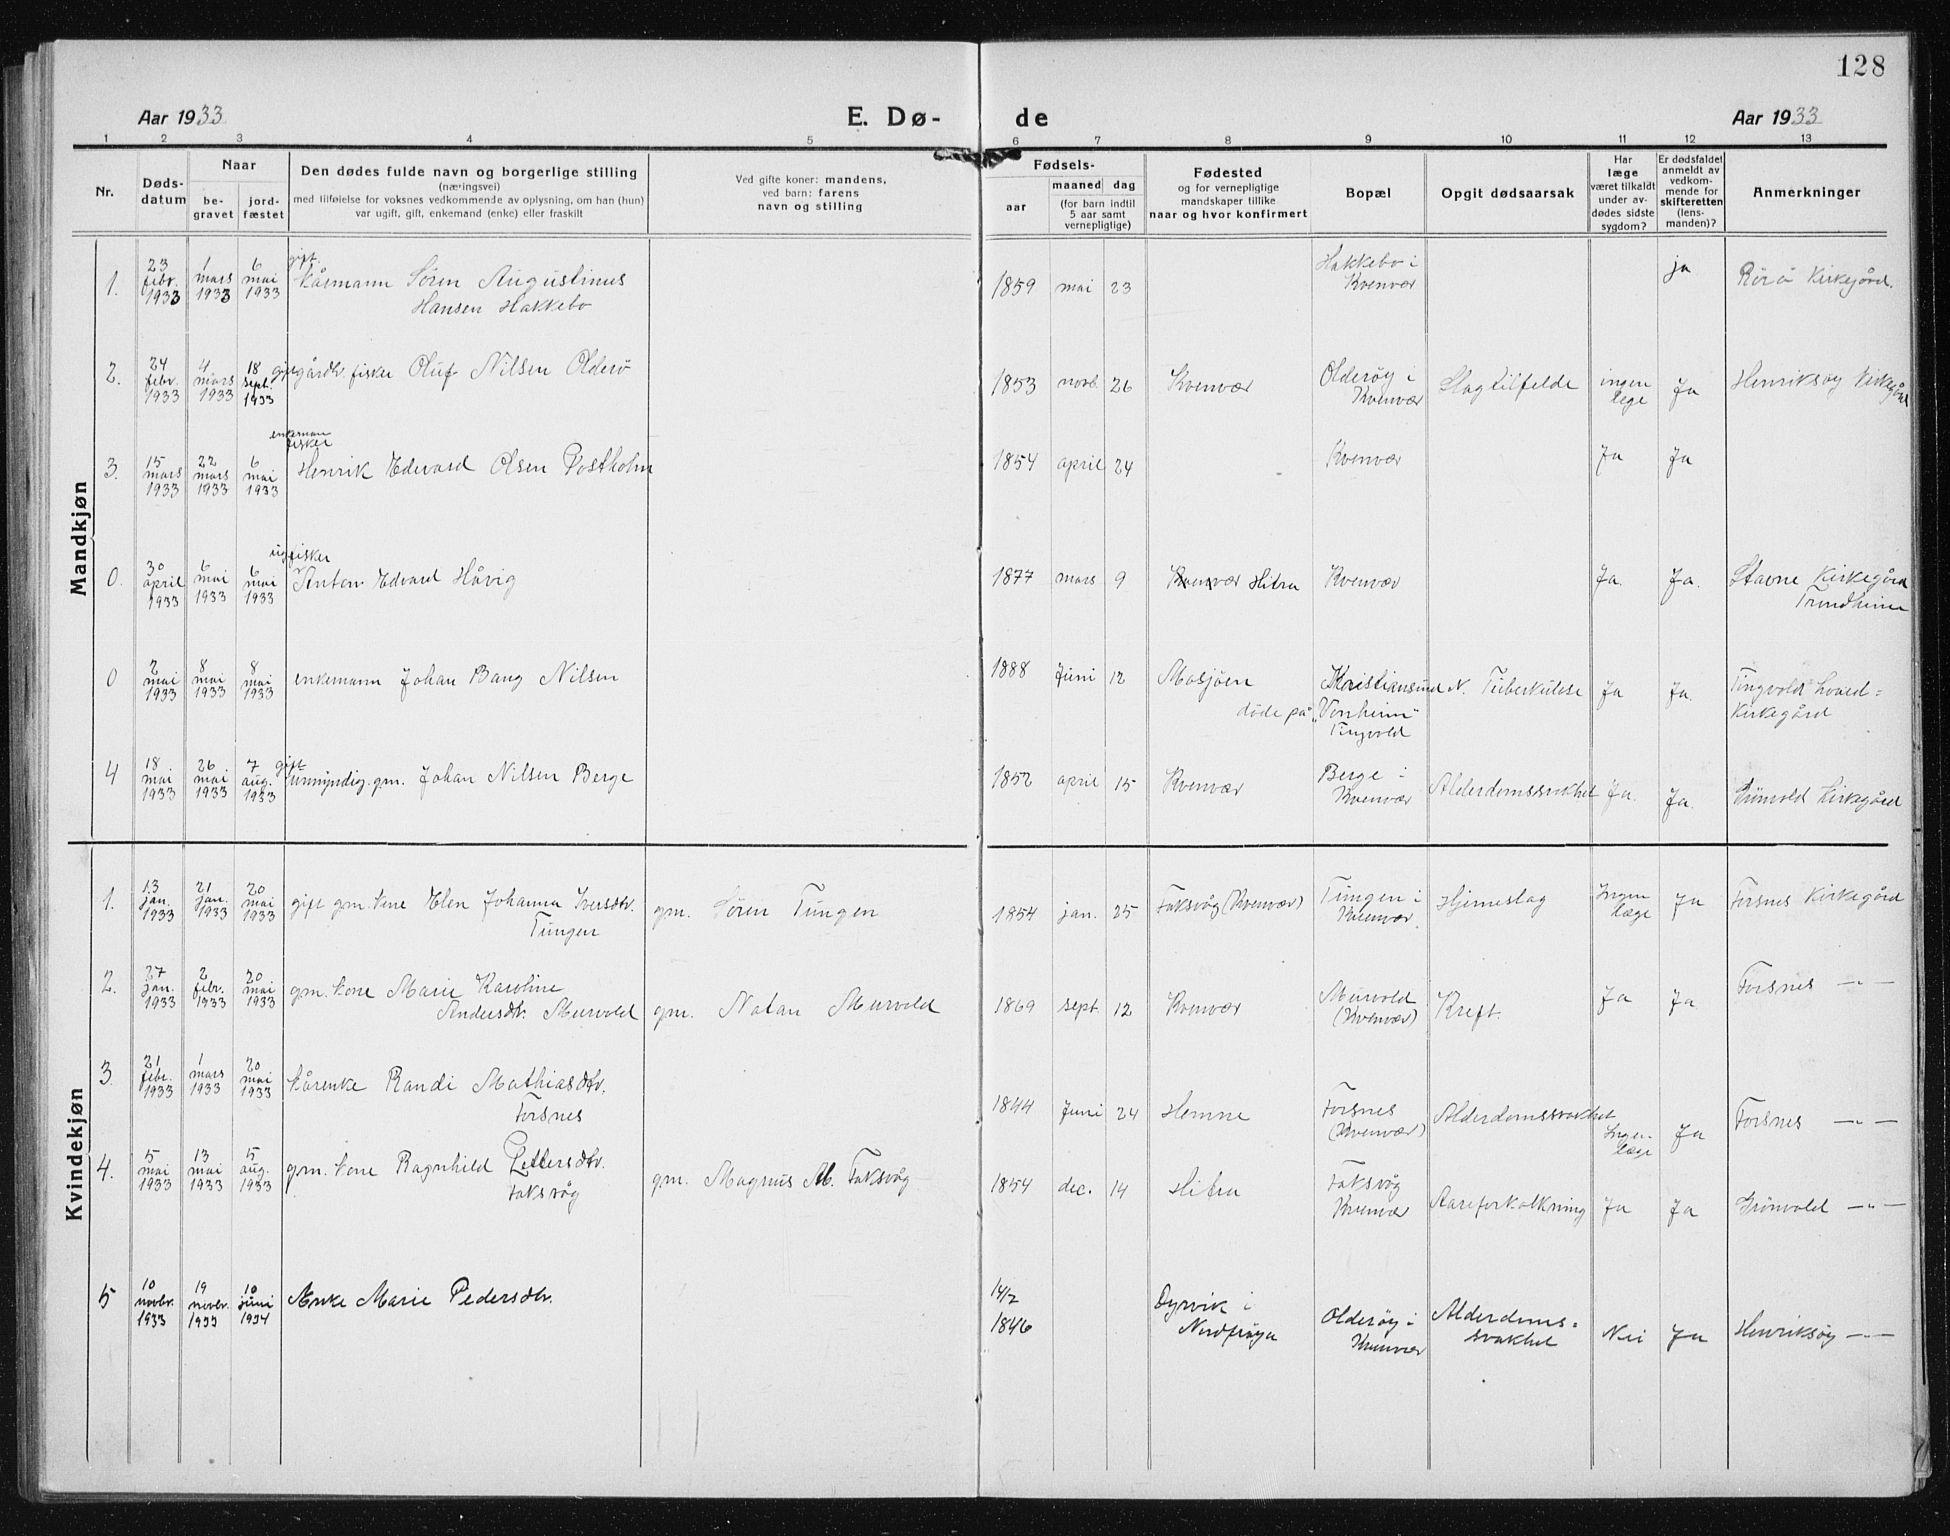 SAT, Ministerialprotokoller, klokkerbøker og fødselsregistre - Sør-Trøndelag, 635/L0554: Klokkerbok nr. 635C02, 1919-1942, s. 128